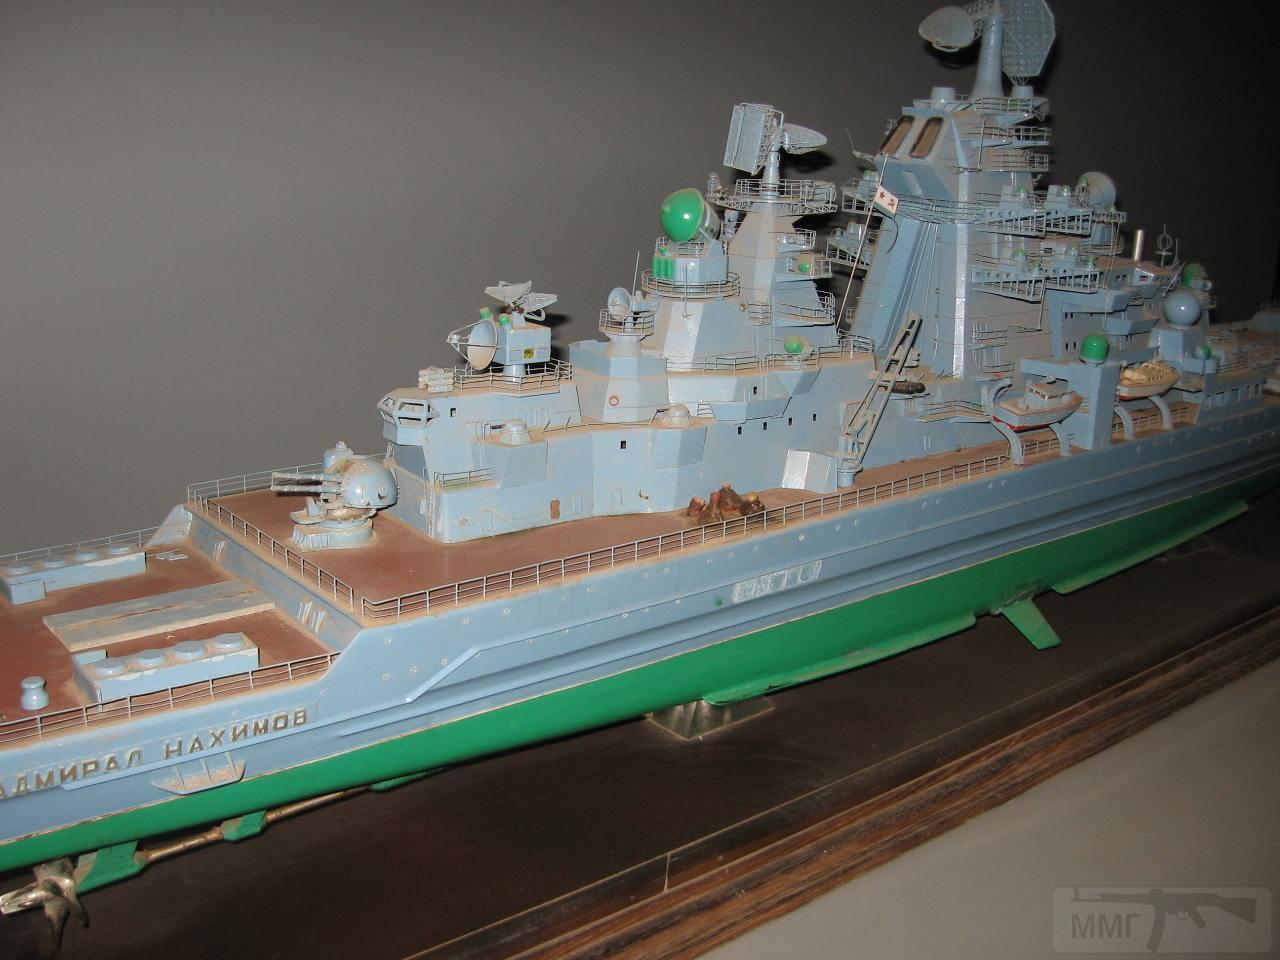 10987 - Немецкая артиллерия Севастополь 2011